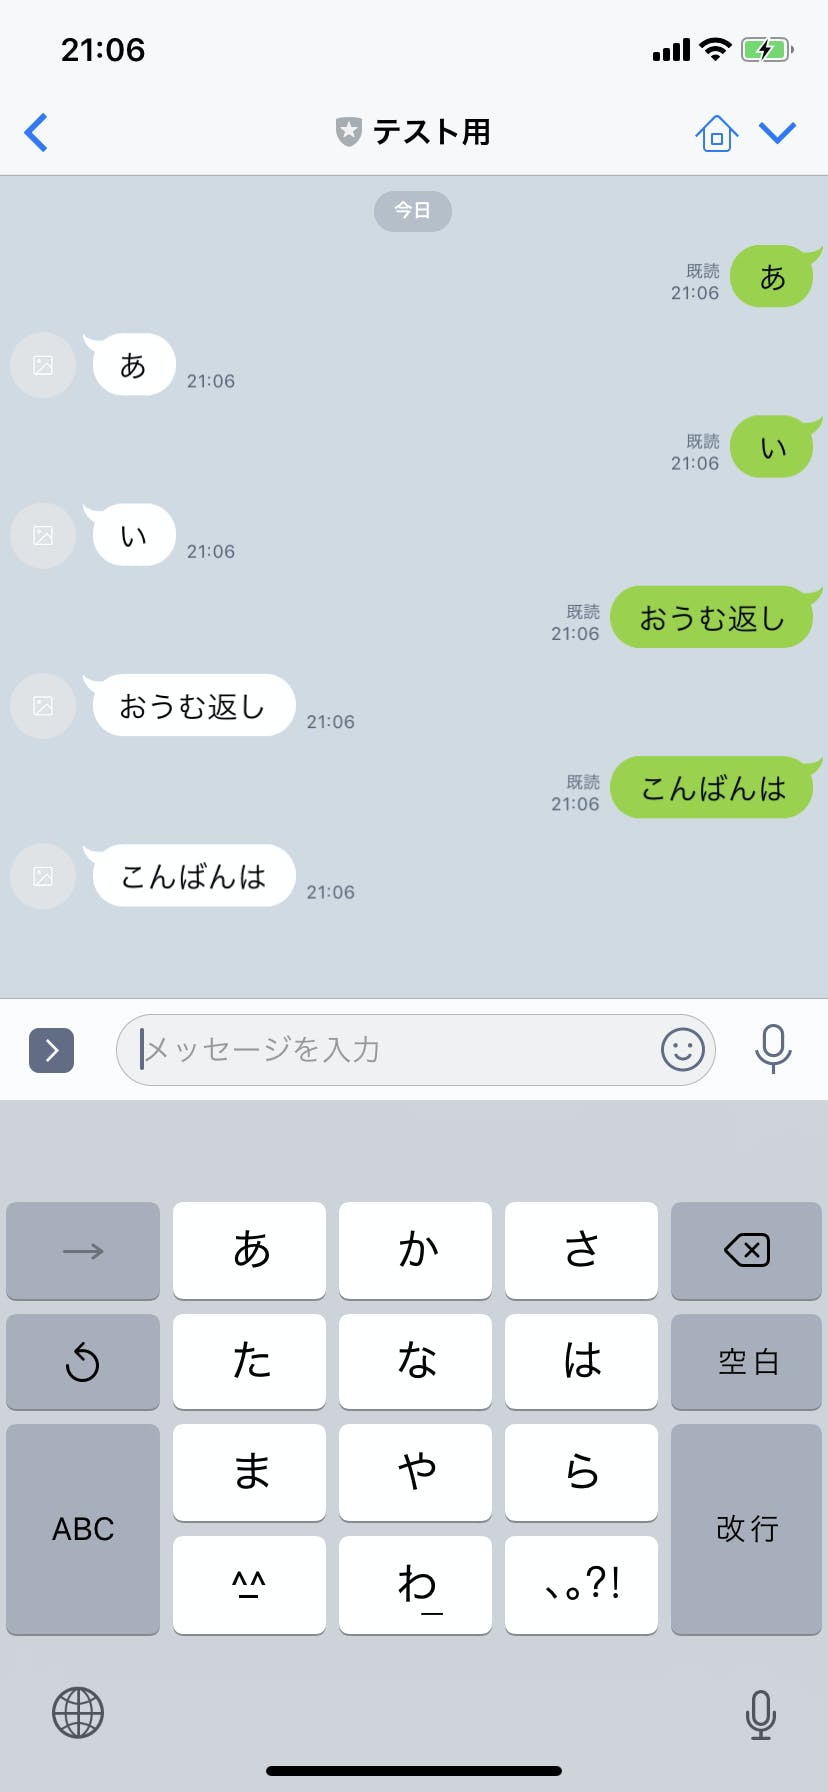 IMG_B7444740210C-1.jpeg